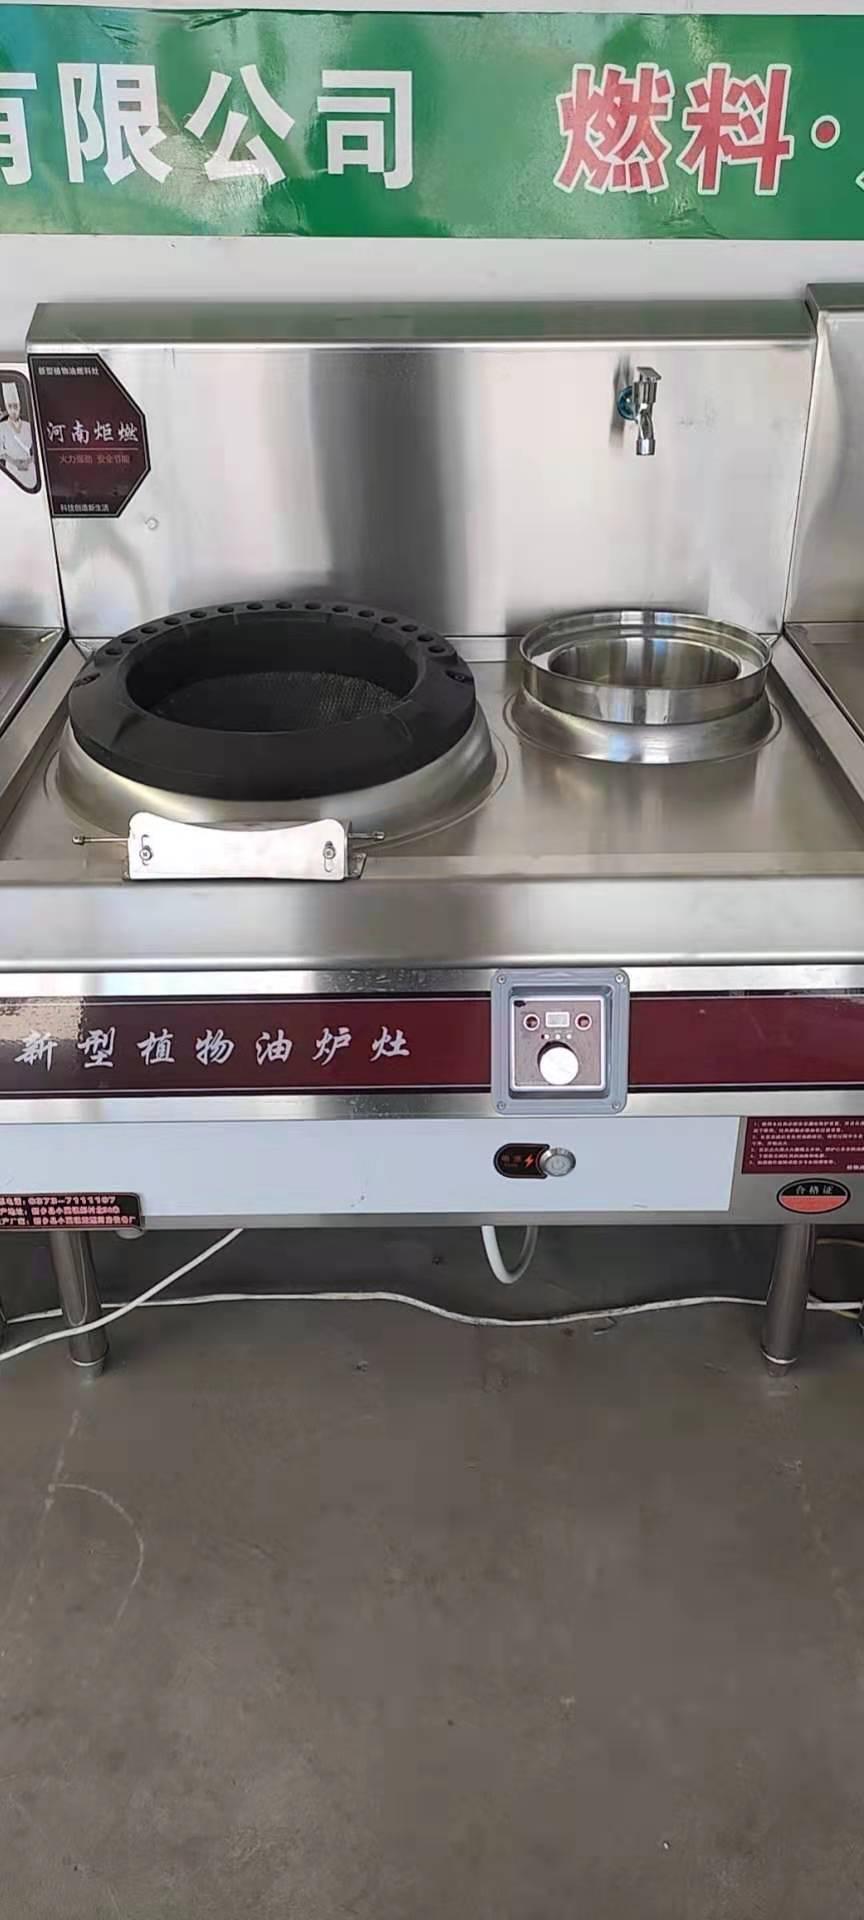 晋中厨房植物油燃料技术勾兑教程